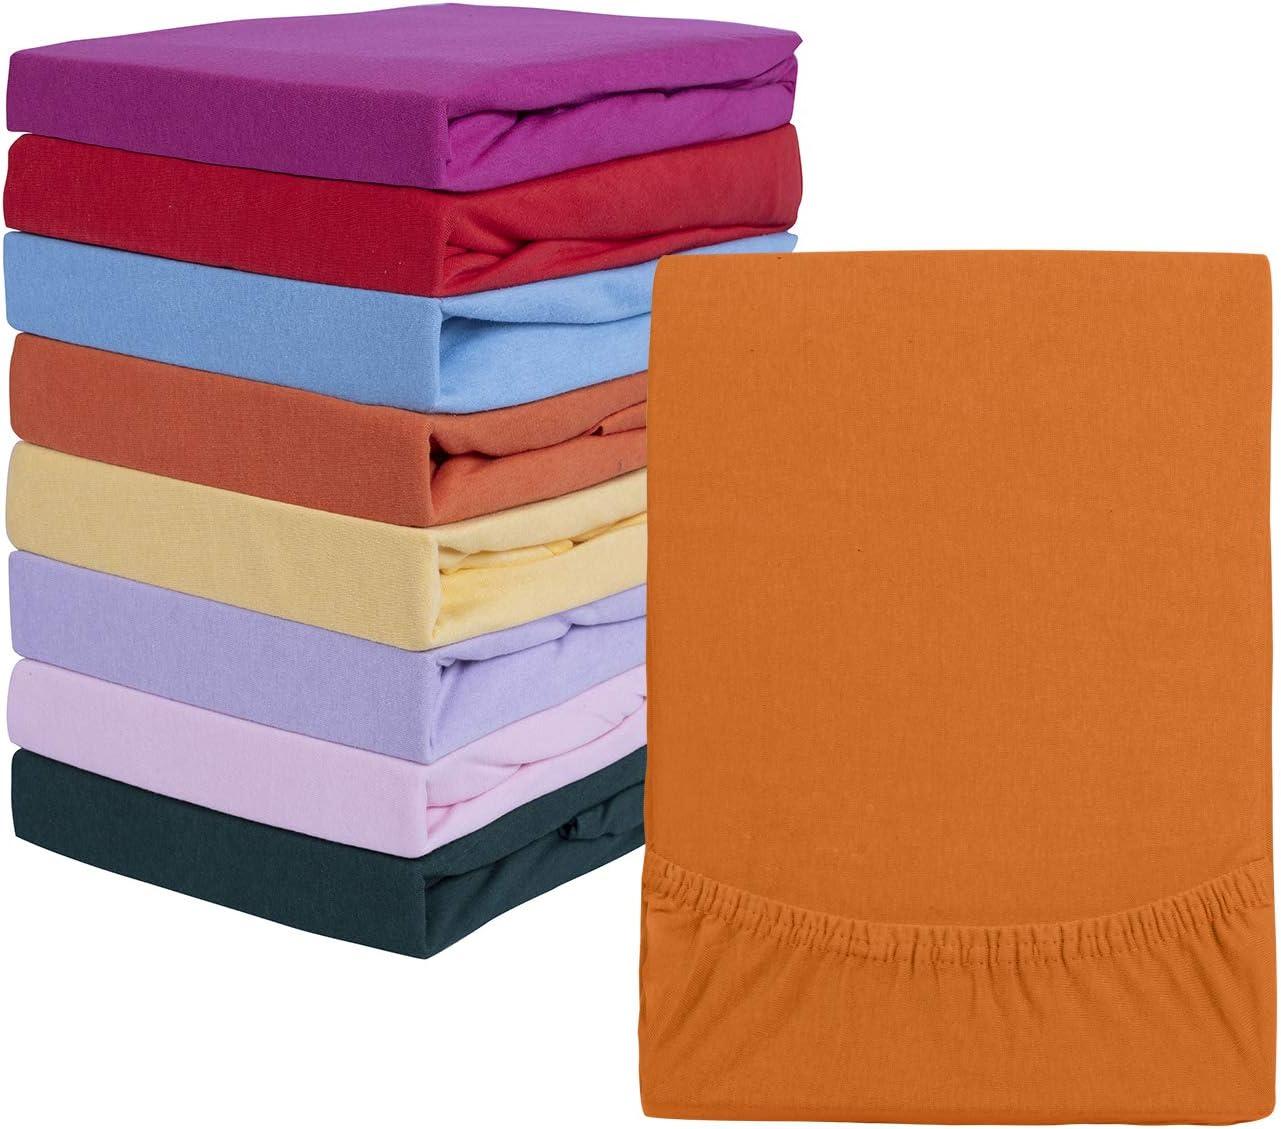 Drap-housse en jersey classique dans de nombreuses couleurs modernes et 6 tailles 100 /% coton 90x200 bis 100x200 cm terra 100 /% coton